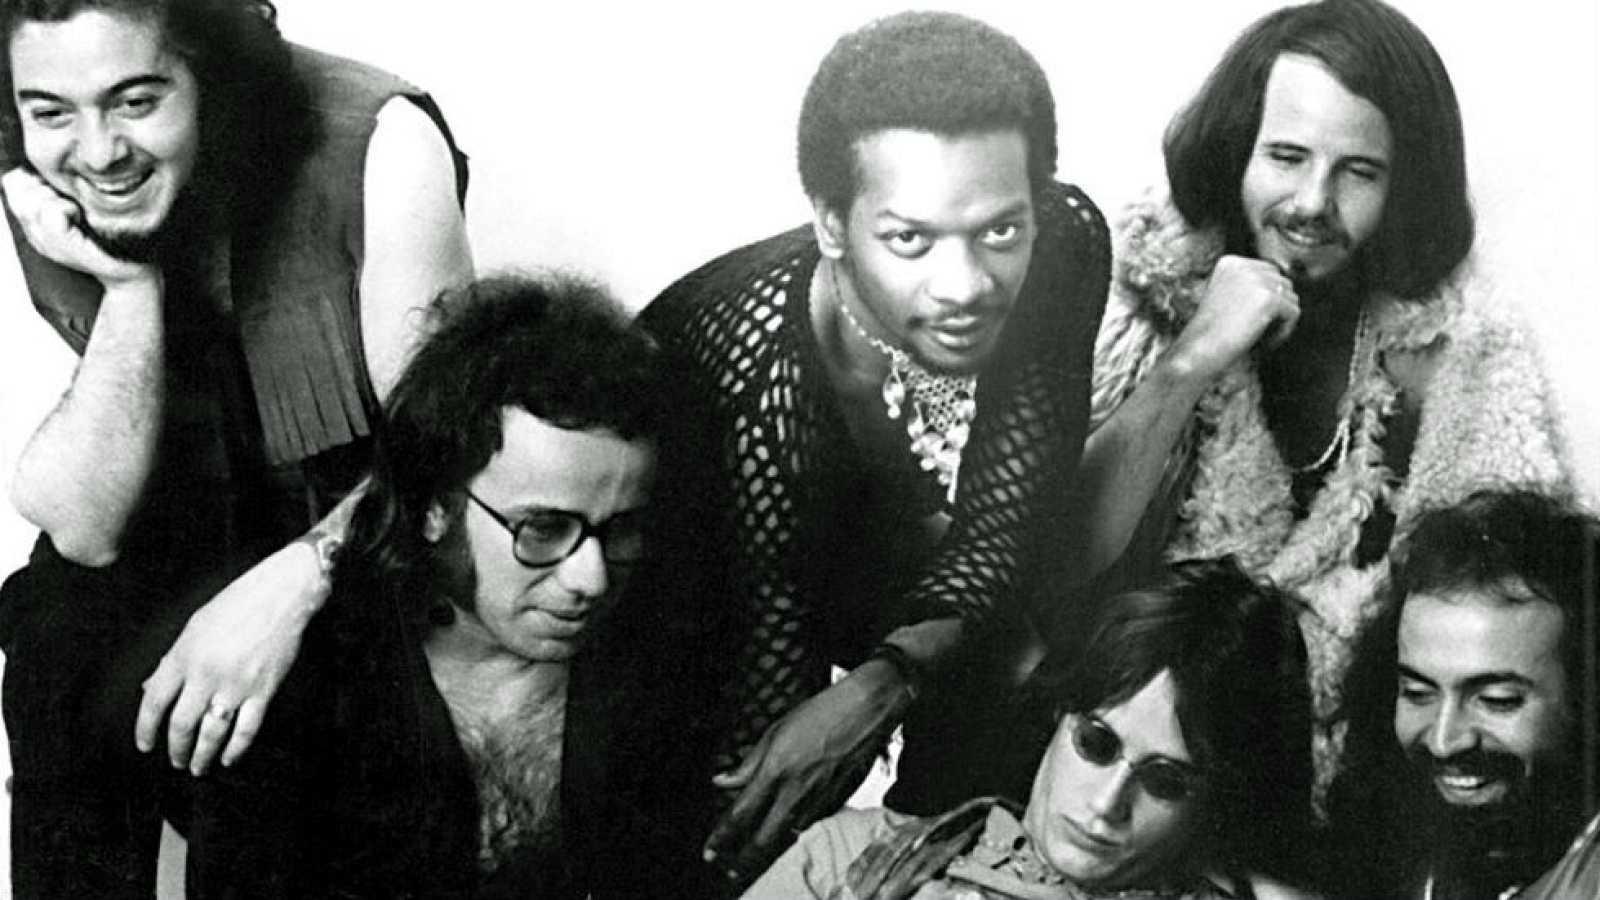 Qué noche la de aquel año - Año 1971